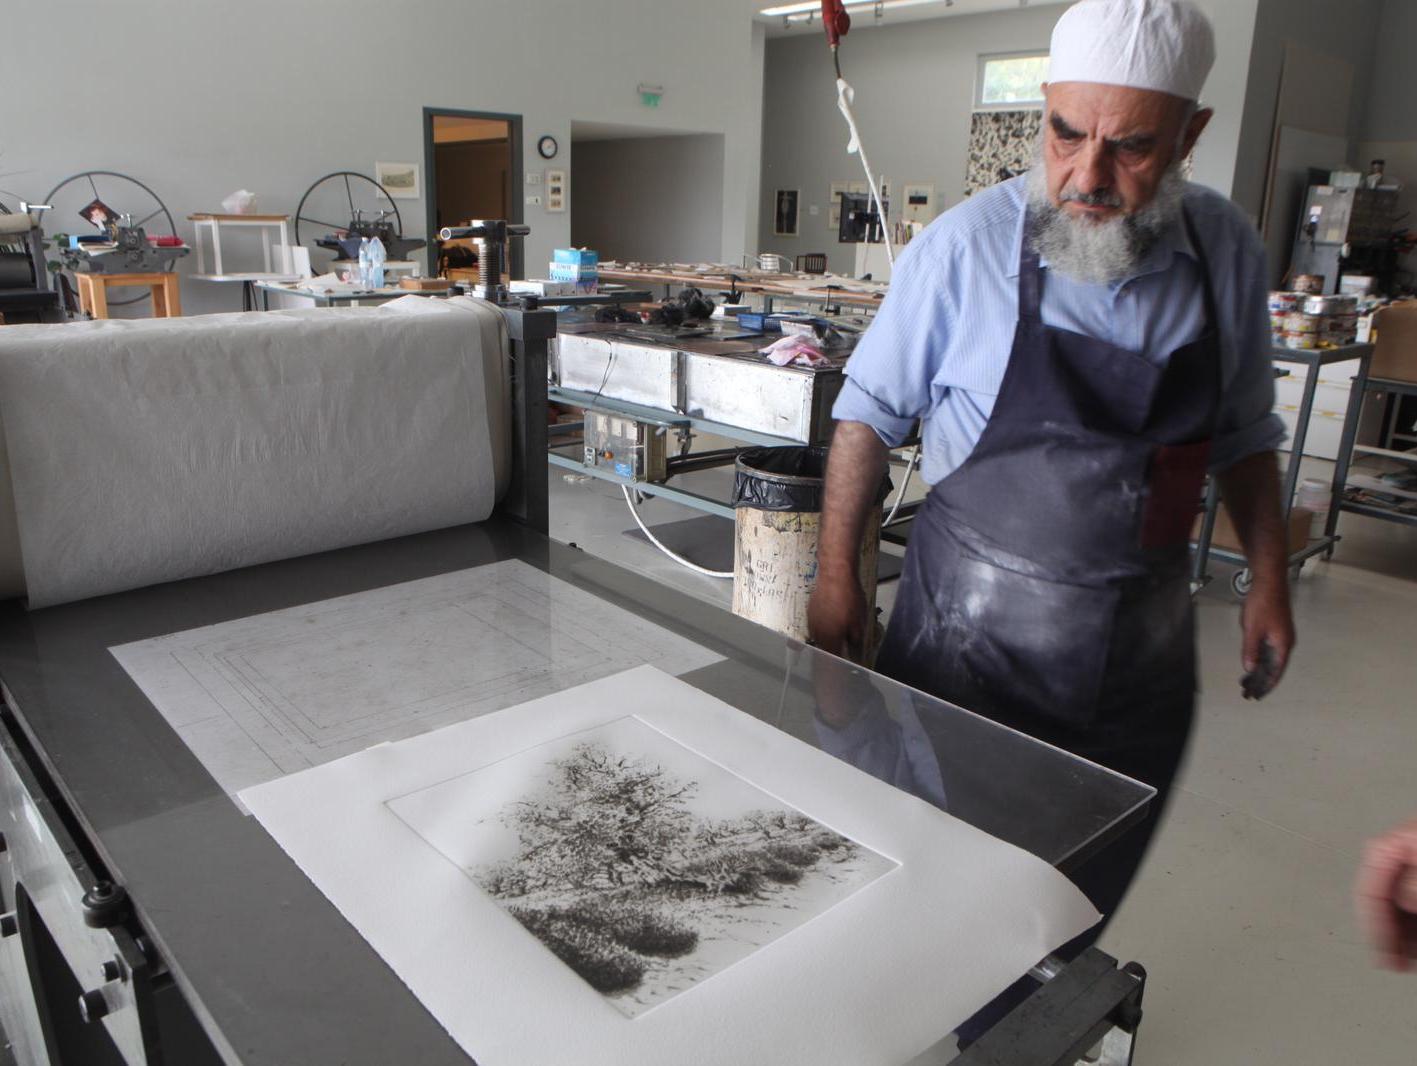 וליד אבו שקרה, מחשובי האמנים הפלסטינים בדורנו, הלך לעולמו